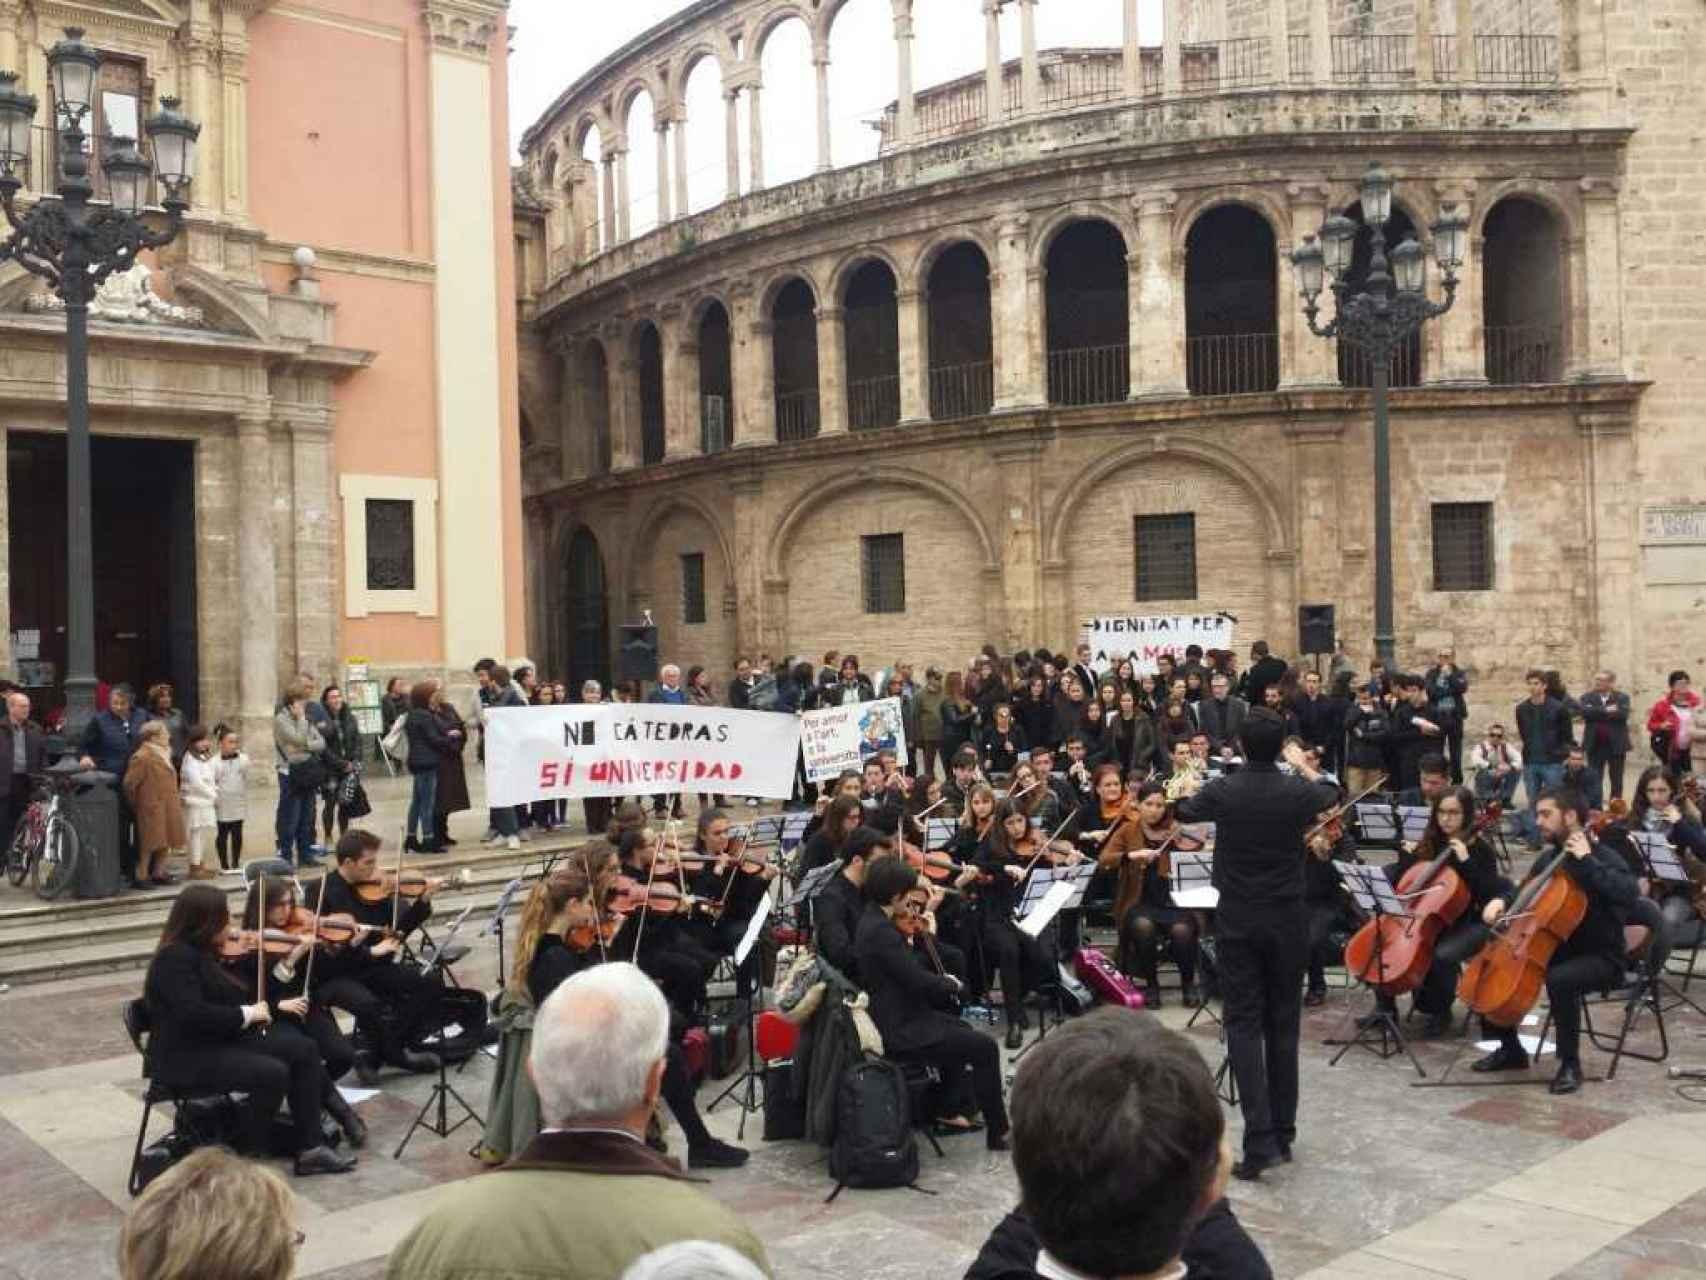 Concierto protesta, sabado 12 de diciembre.